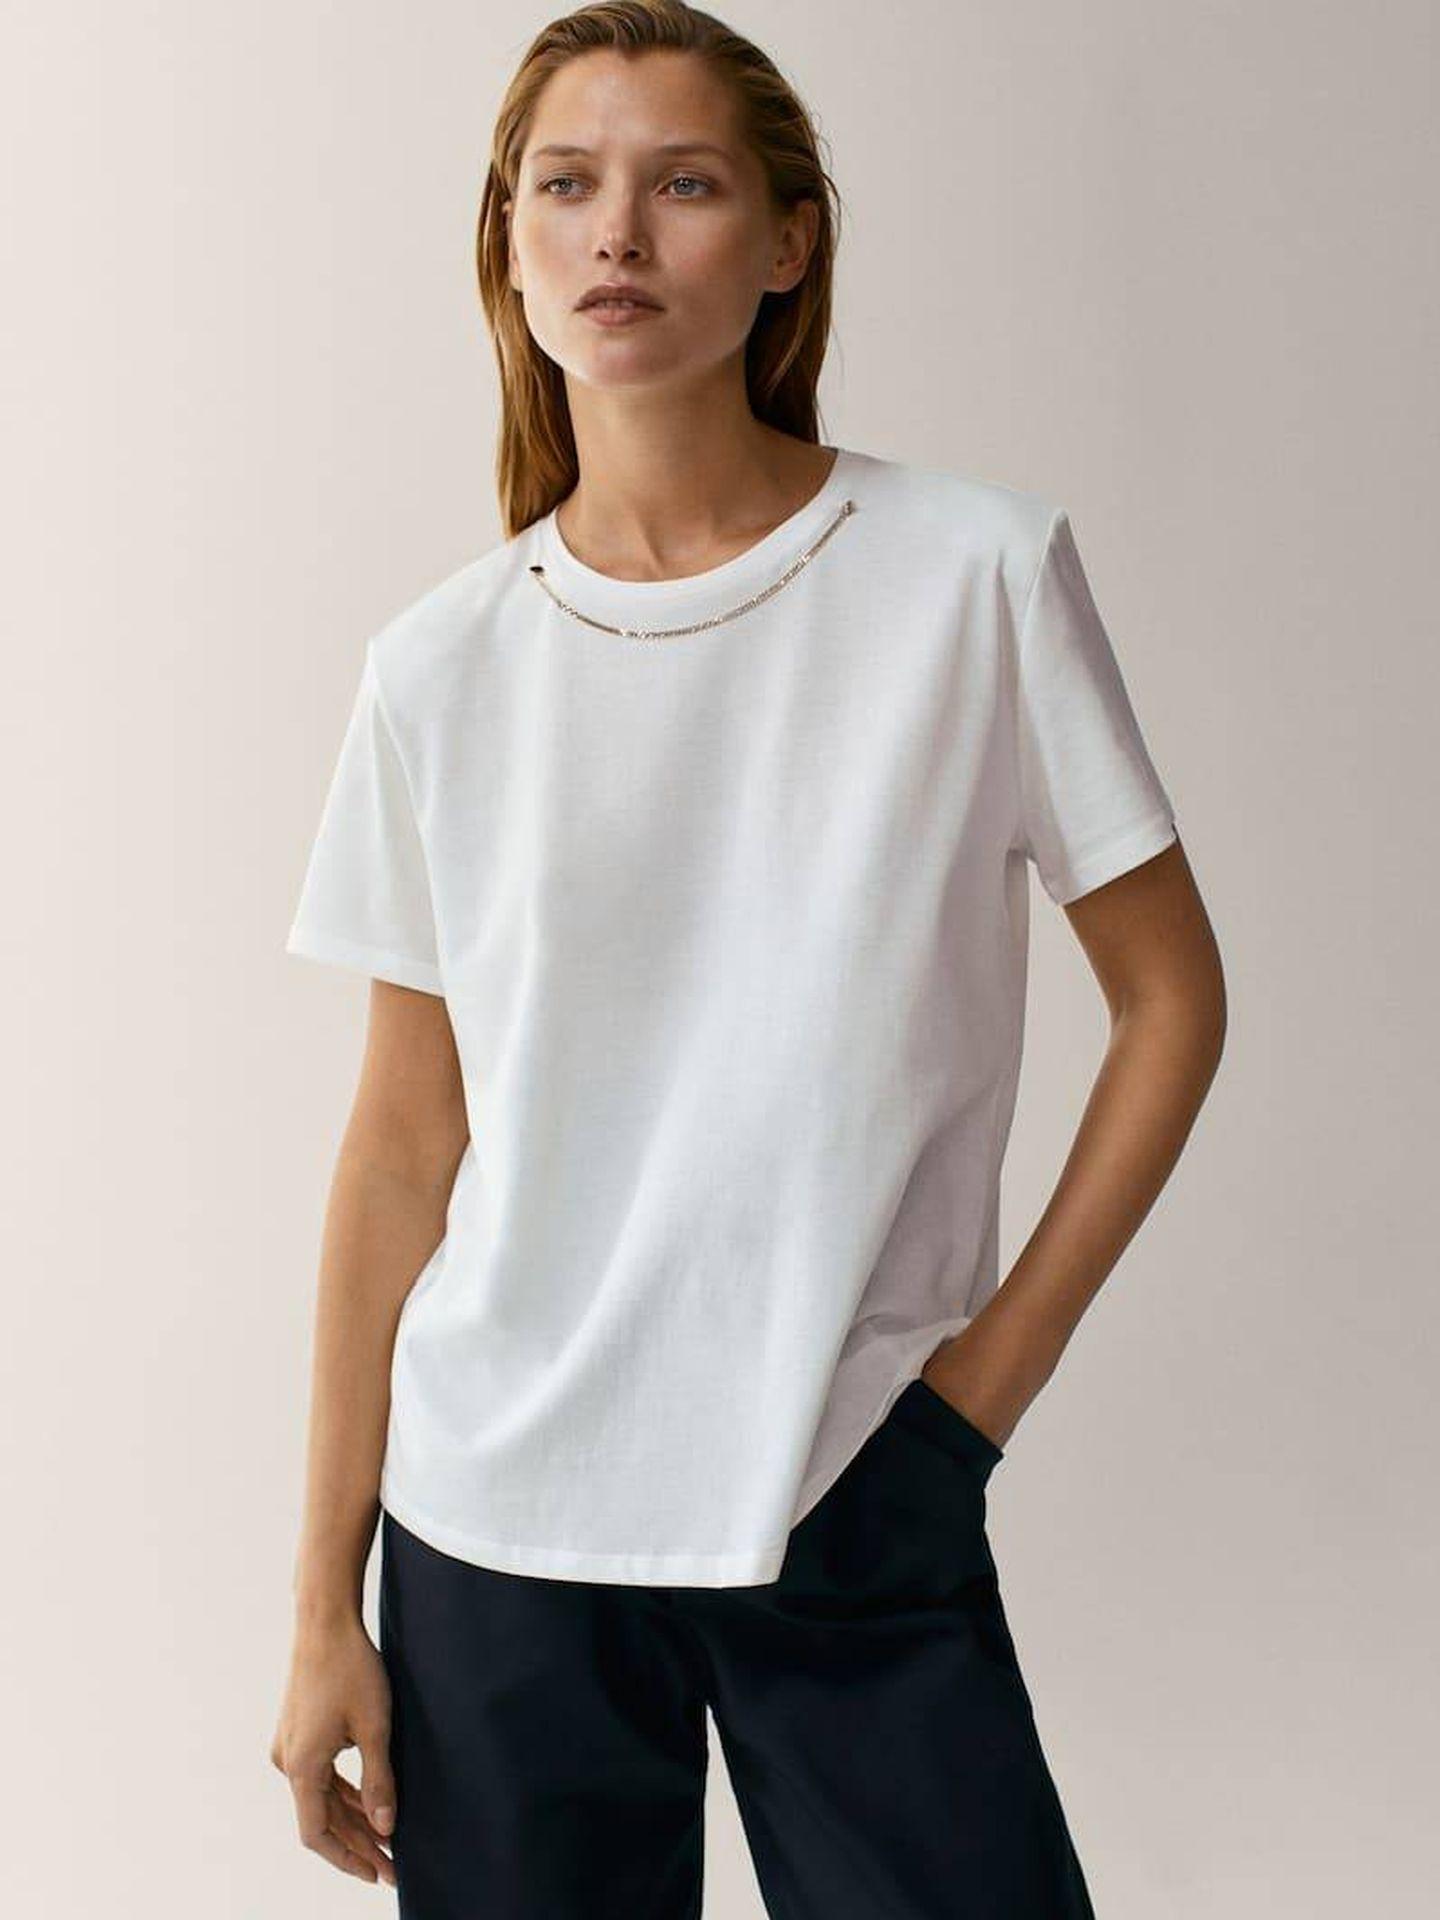 La camiseta de Massimo Dutti. (Cortesía)